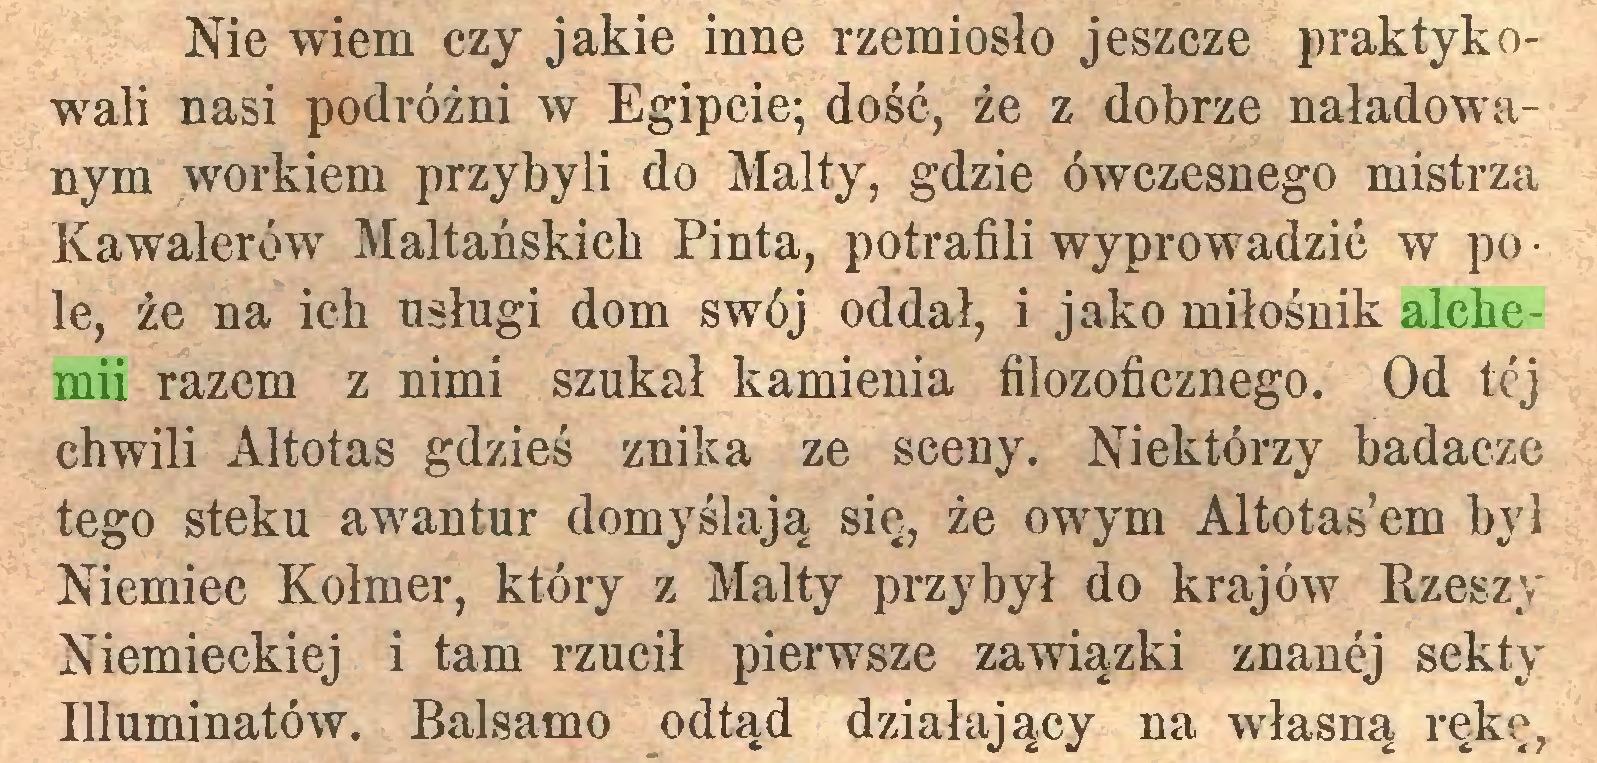 (...) Nie wiem czy jakie inne rzemiosło jeszcze praktykowali nasi podróżni w Egipcie; dość, że z dobrze naładowanym workiem przybyli do Malty, gdzie ówczesnego mistrza Kawalerów Maltańskich Pinta, potrafili wyprowadzić w pole, że na ich usługi dom swój oddał, i jako miłośnik alchemii razem z nimi szukał kamienia filozoficznego. Od tćj chwili Altotas gdzieś znika ze sceny. Niektórzy badacze tego steku awantur domyślają się, że owym Altotas'em był Niemiec Kolmer, który z Malty przybył do krajów Rzeszy Niemieckiej i tam rzucił pierwsze zawiązki znanej sekty Illuminatów. Balsamo odtąd działający na własną rękę,...